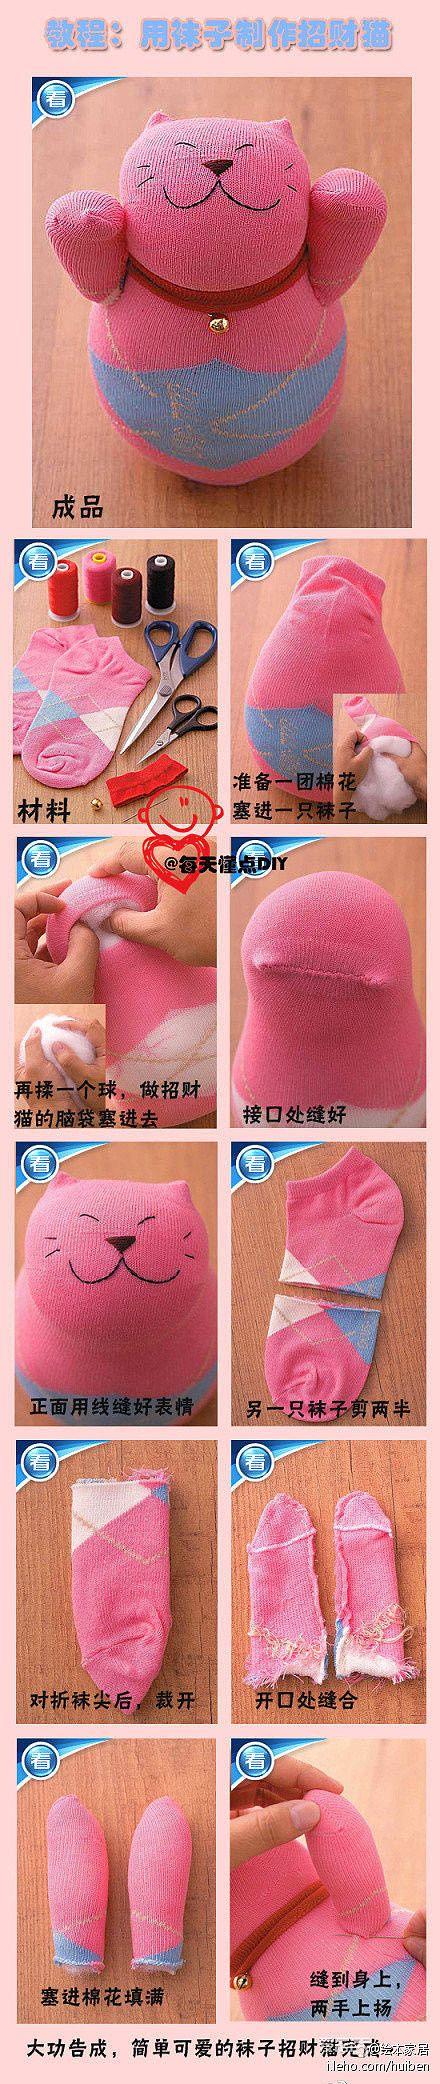 DIY sock cat